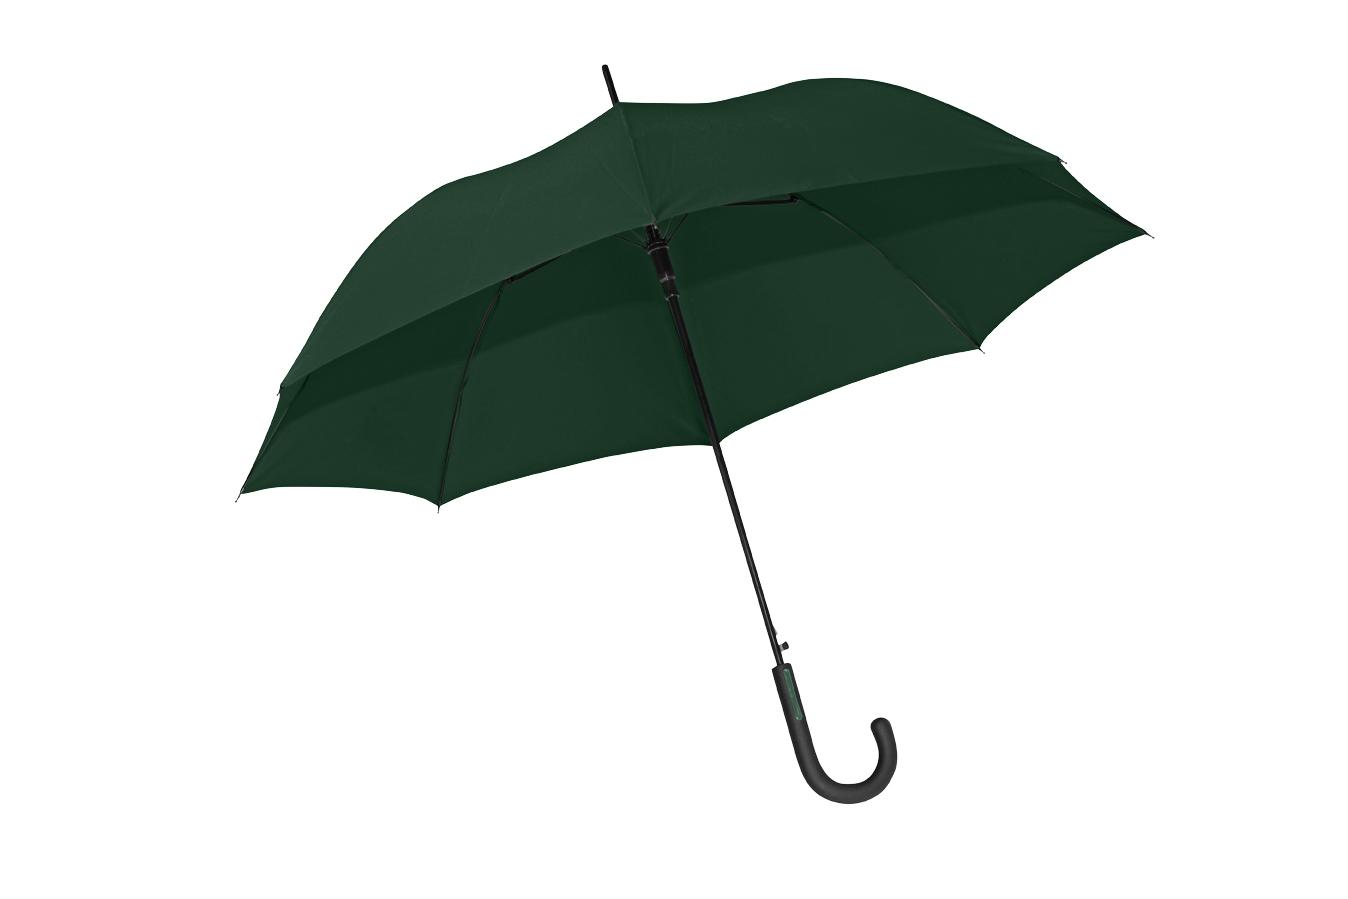 NOWOŚĆ Parasol Doppler Glasgow Automatic Image